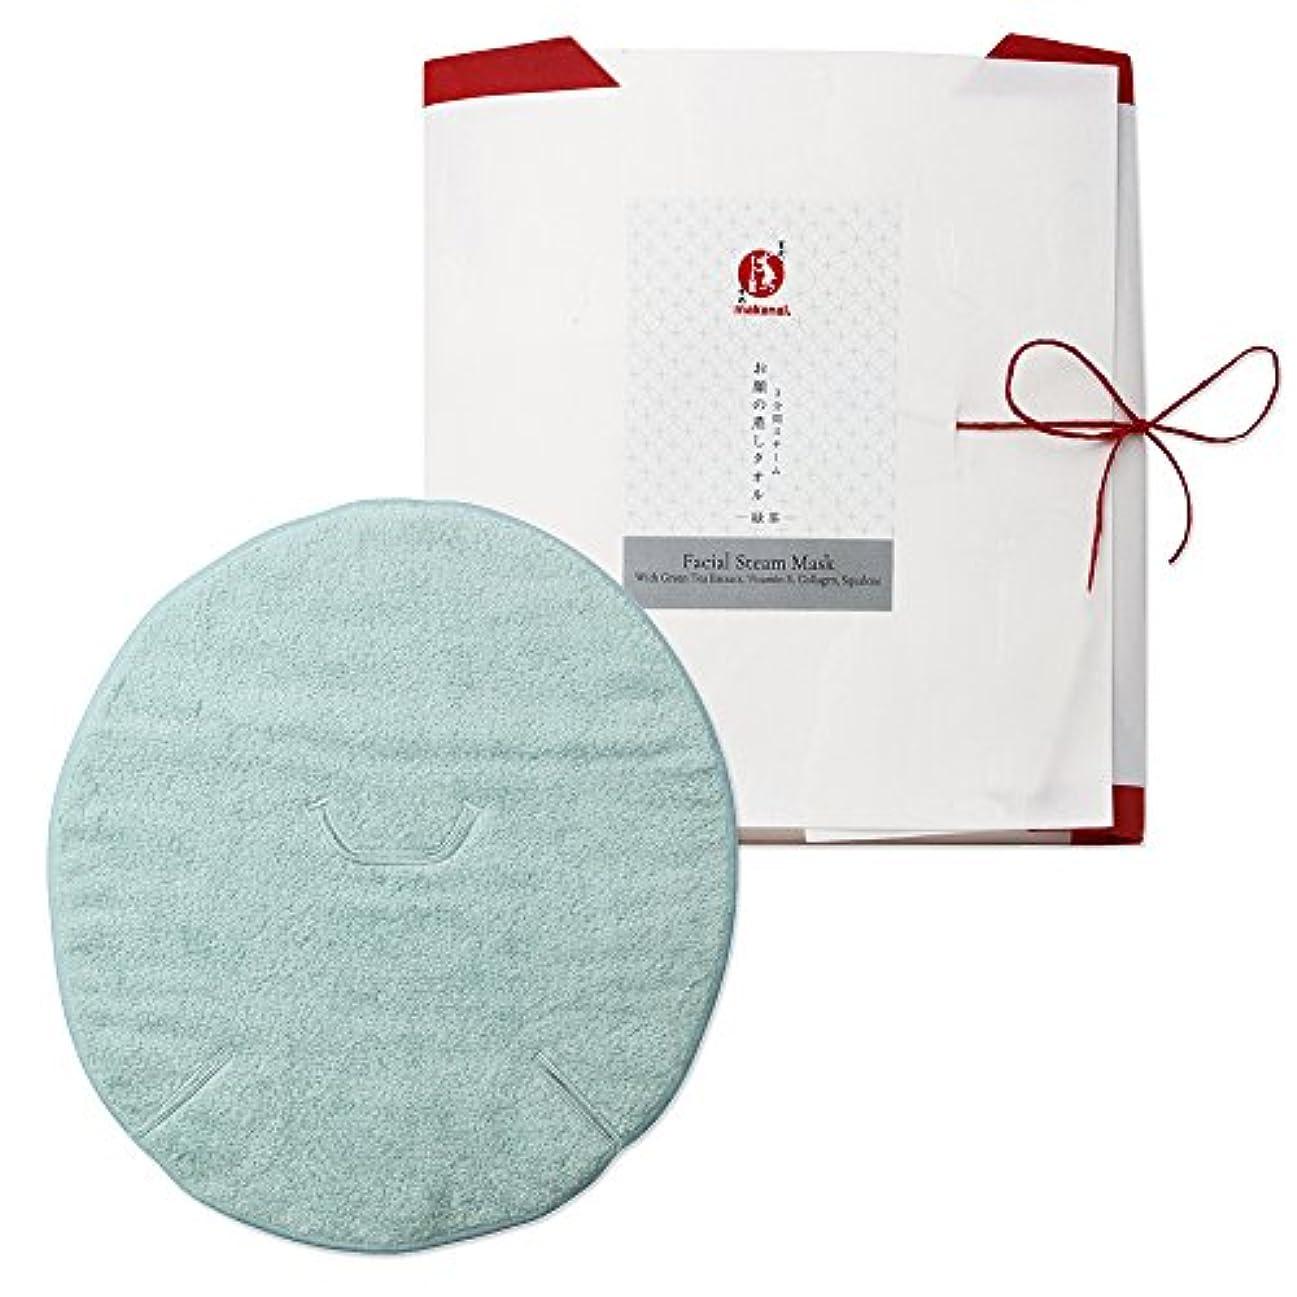 囲む安全な十分まかないこすめ 3分間スチームお顔の蒸しタオル(緑茶)